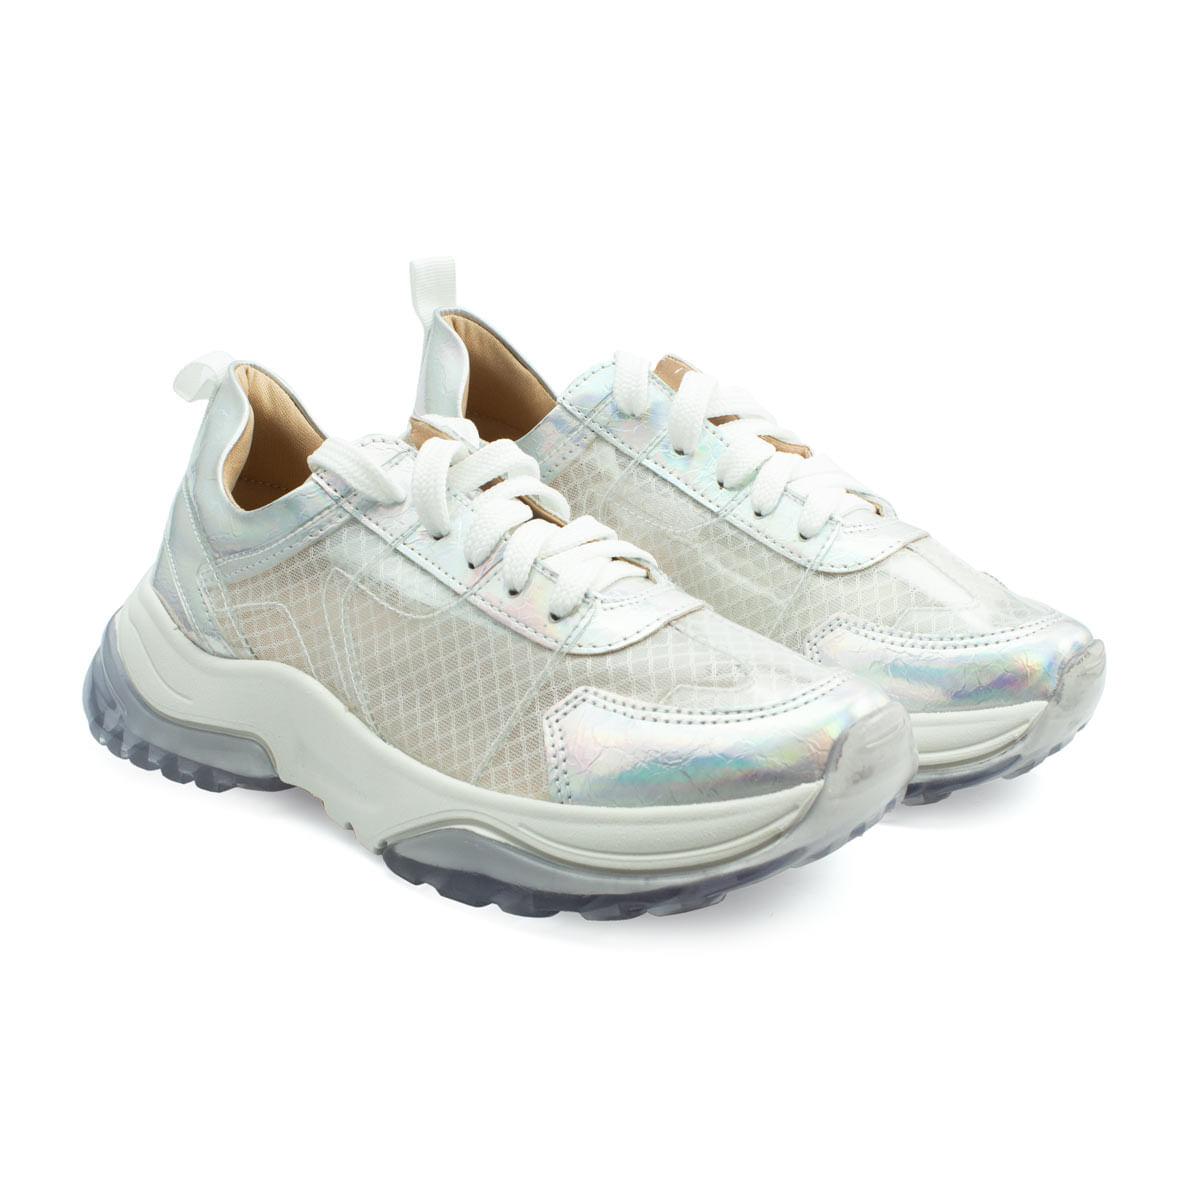 Tenis-infantil-Sneaker-Pecas-de-Vinil-Ludique-et-Badin--28-ao-37--937CL-11573--VER21-